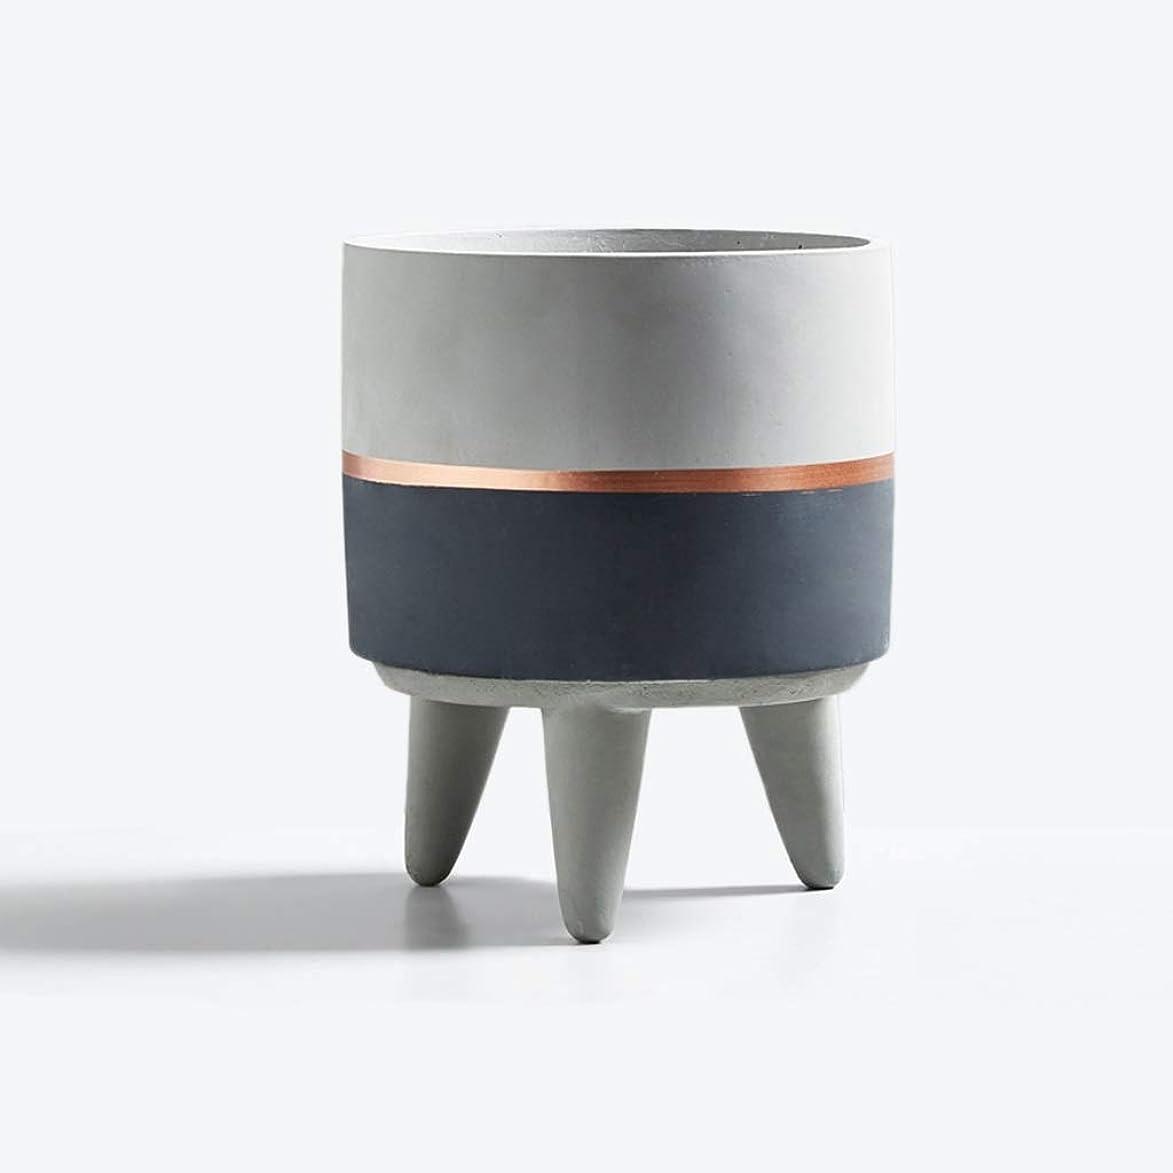 シェフ咲く想像する三角ブラケットフラワーポット、ボールオーキッドローズセメントフラワーポット手作り適しシーン複数シーン一致 (Color : Gray, Size : 13*13*10CM)